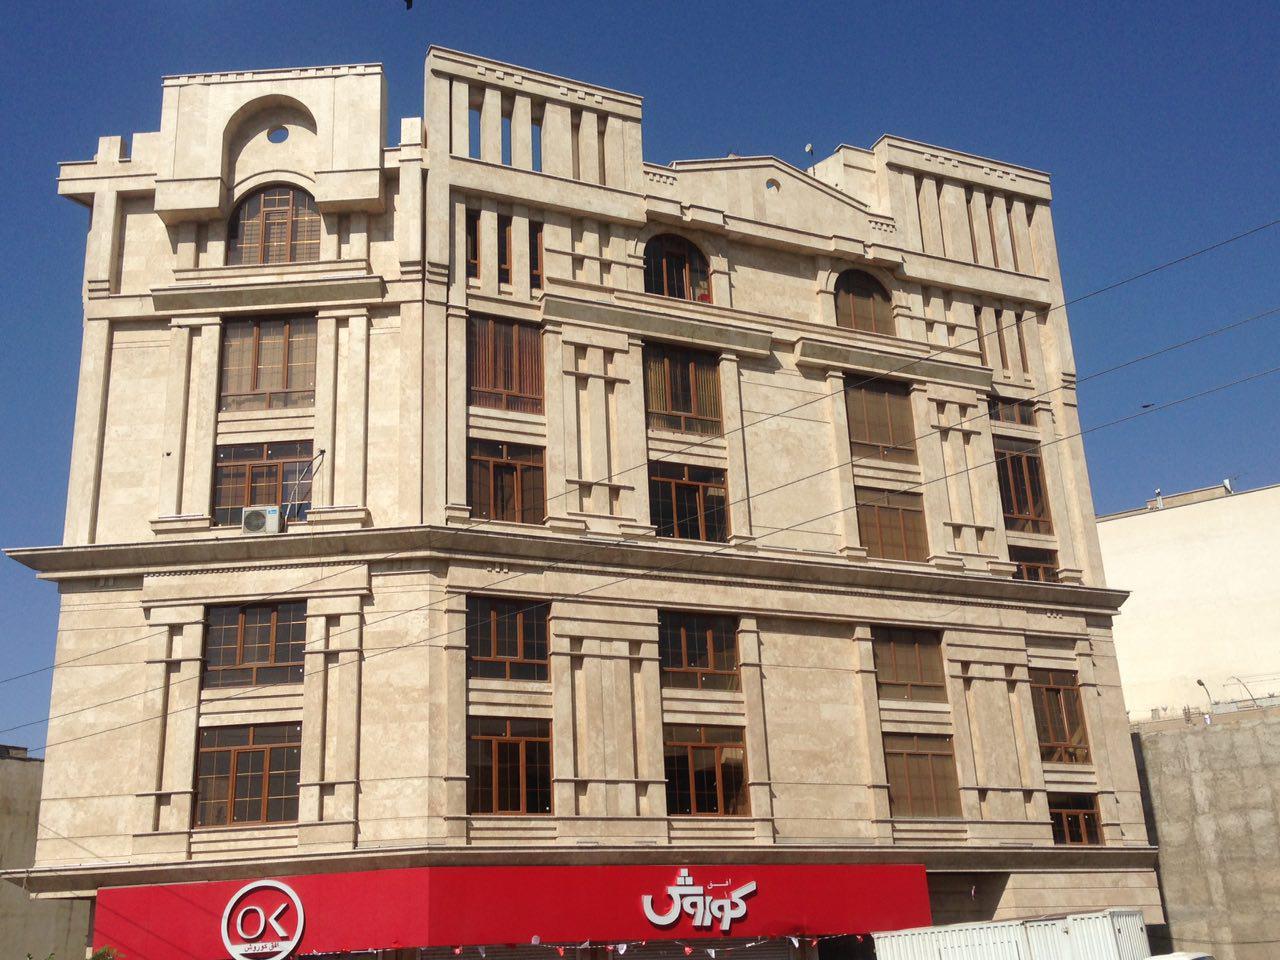 اجرای در و پنجره UPVC تهران مرزداران